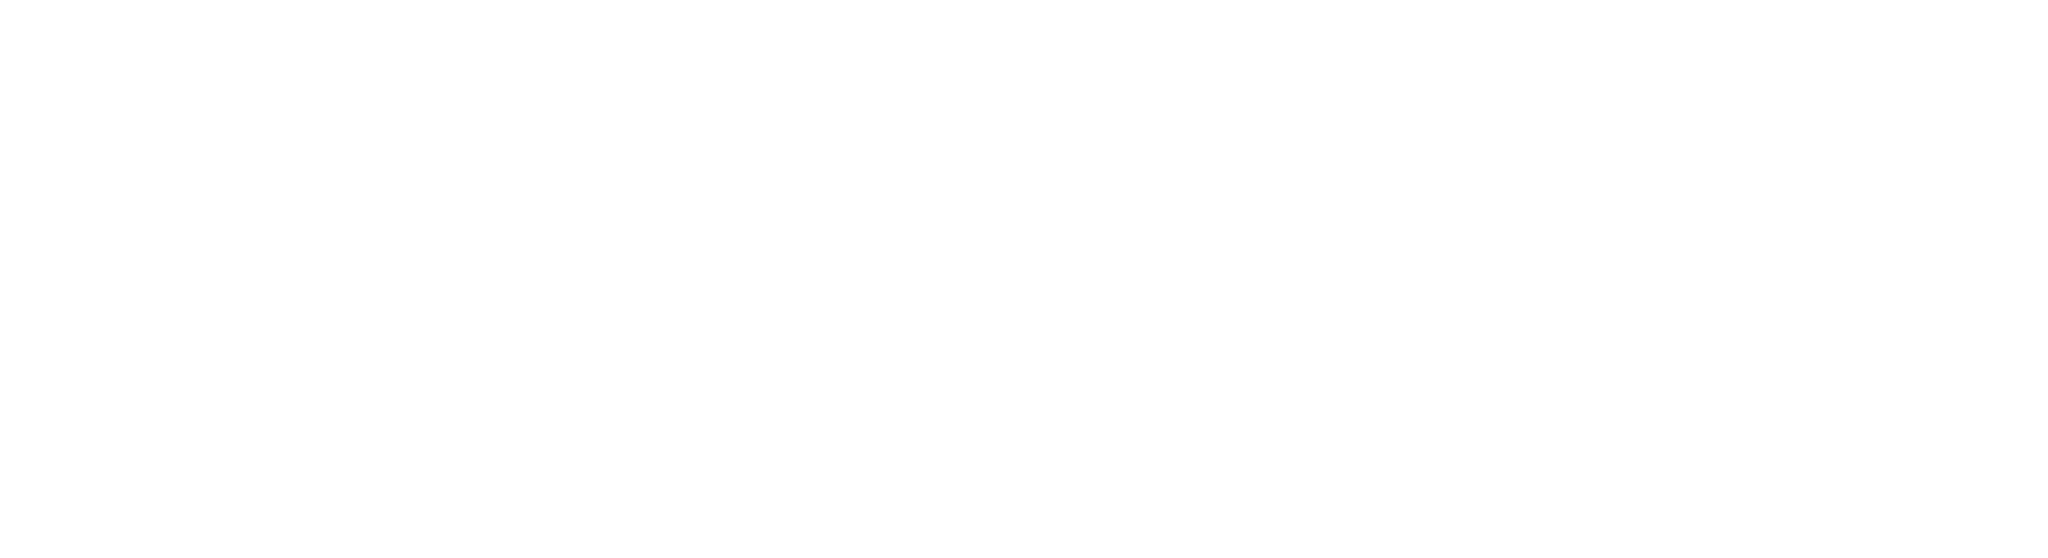 logo kaseware white